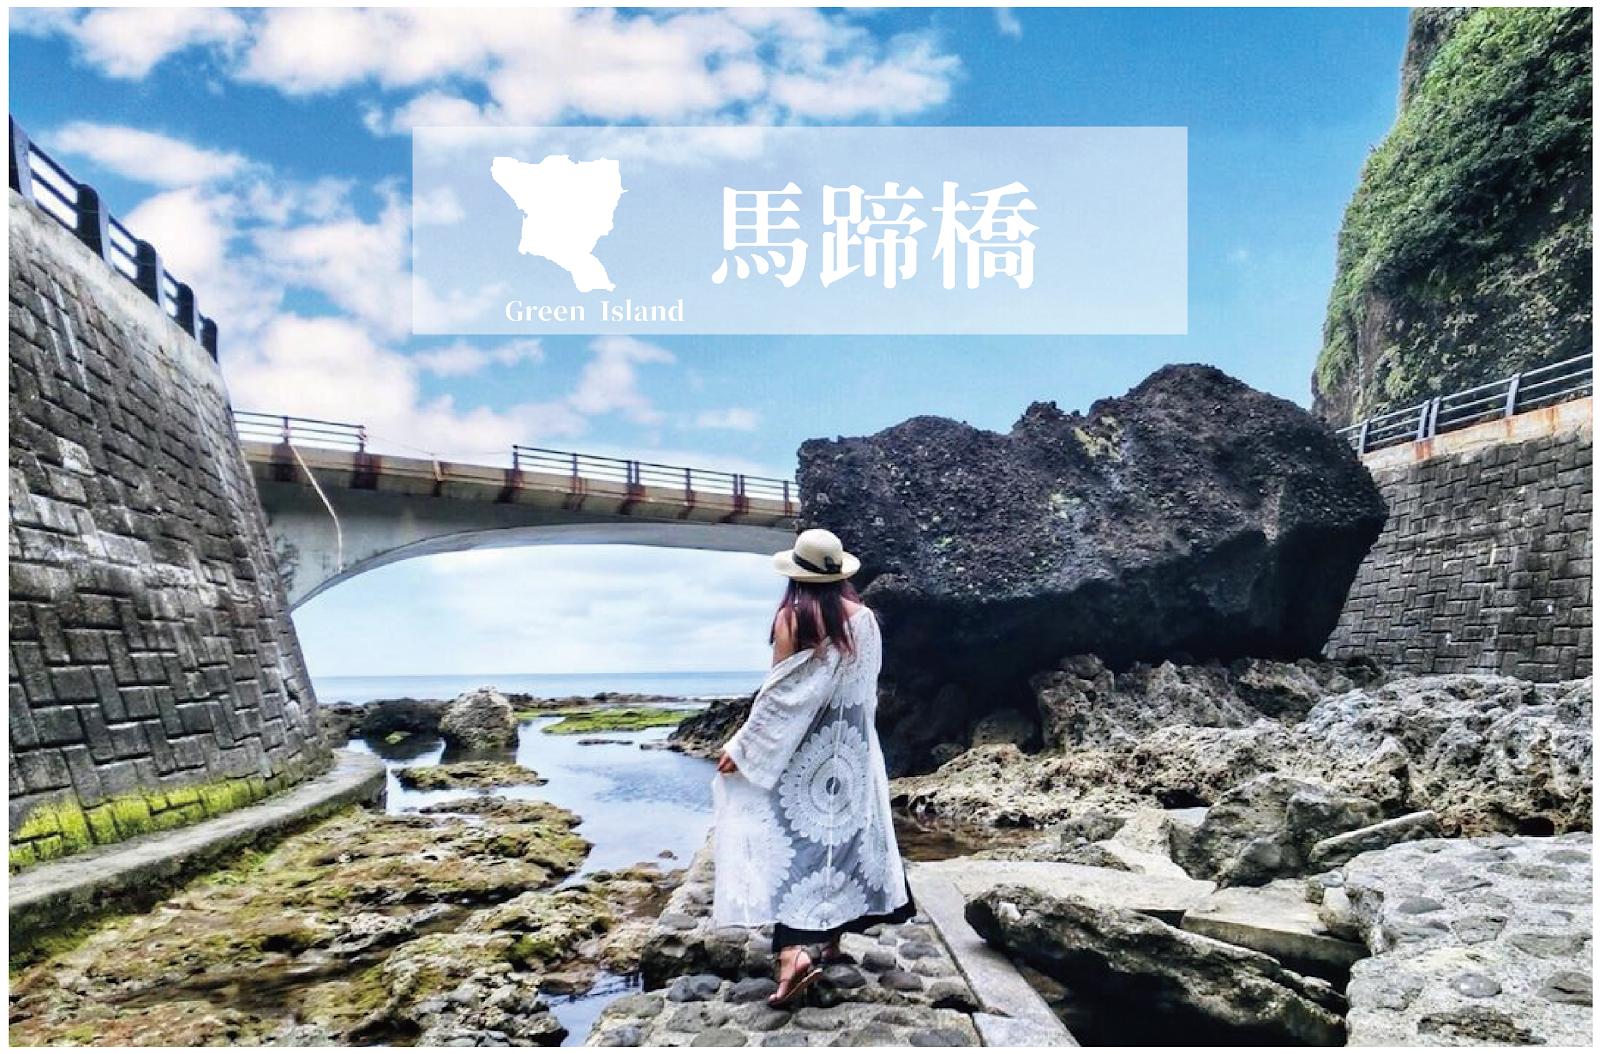 綠島網美景點馬蹄橋